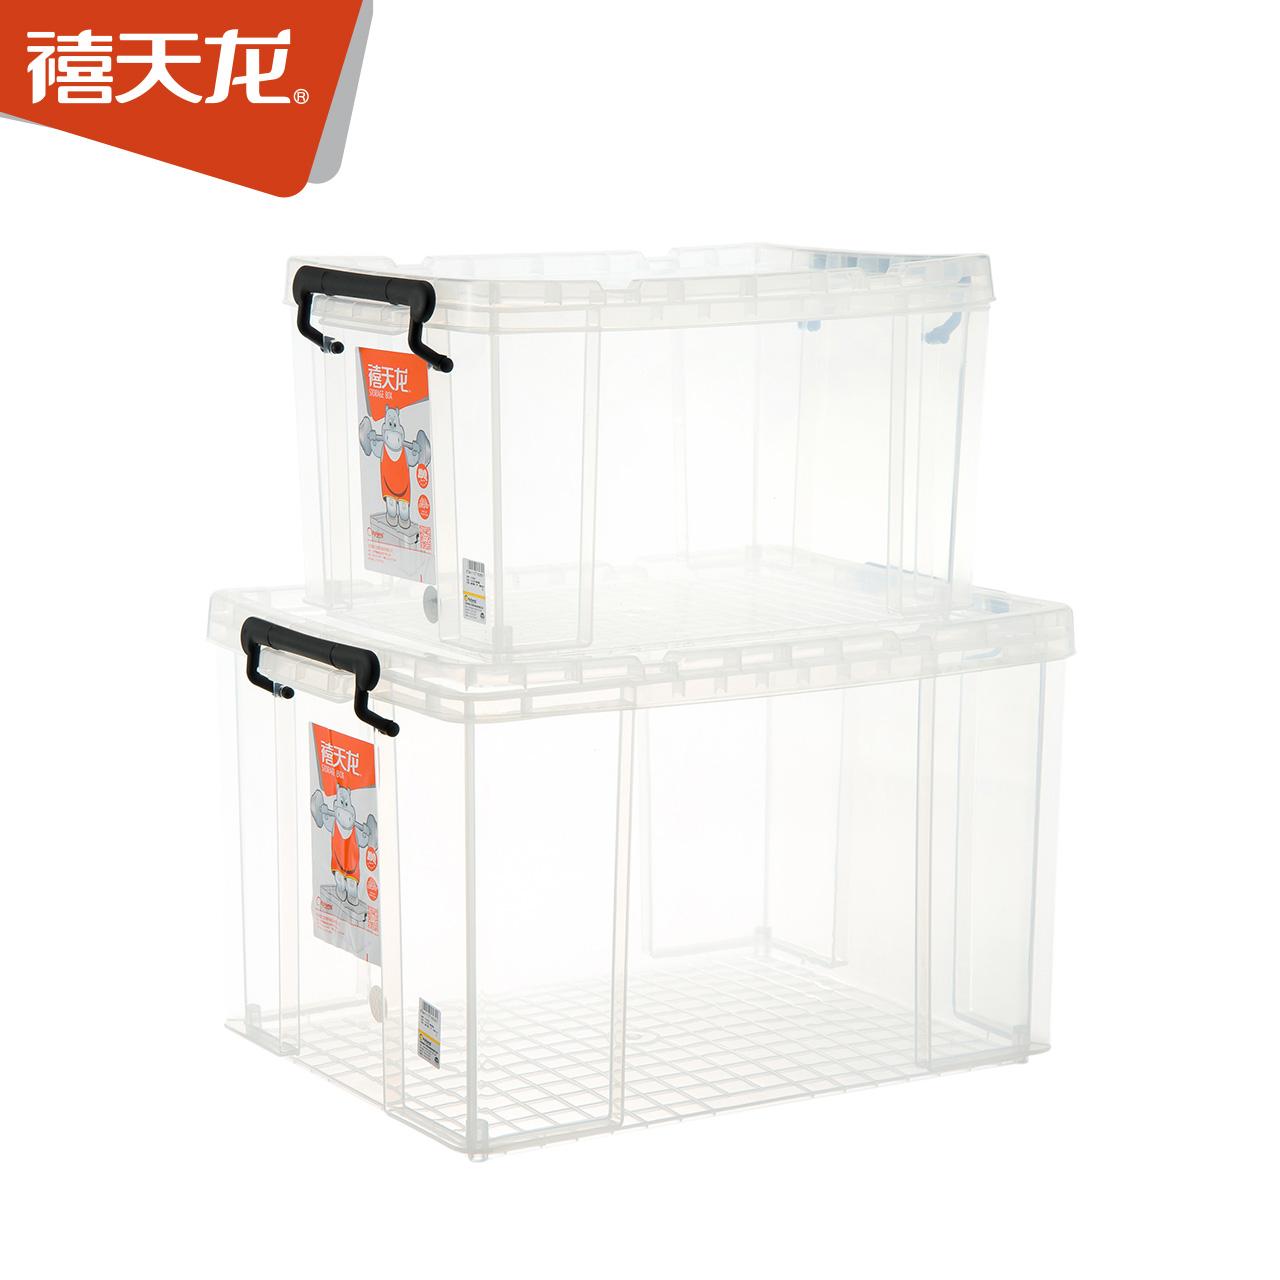 禧天龙整理箱塑料透明有盖特大号储蓄储物收纳箱子加厚玩具收纳盒